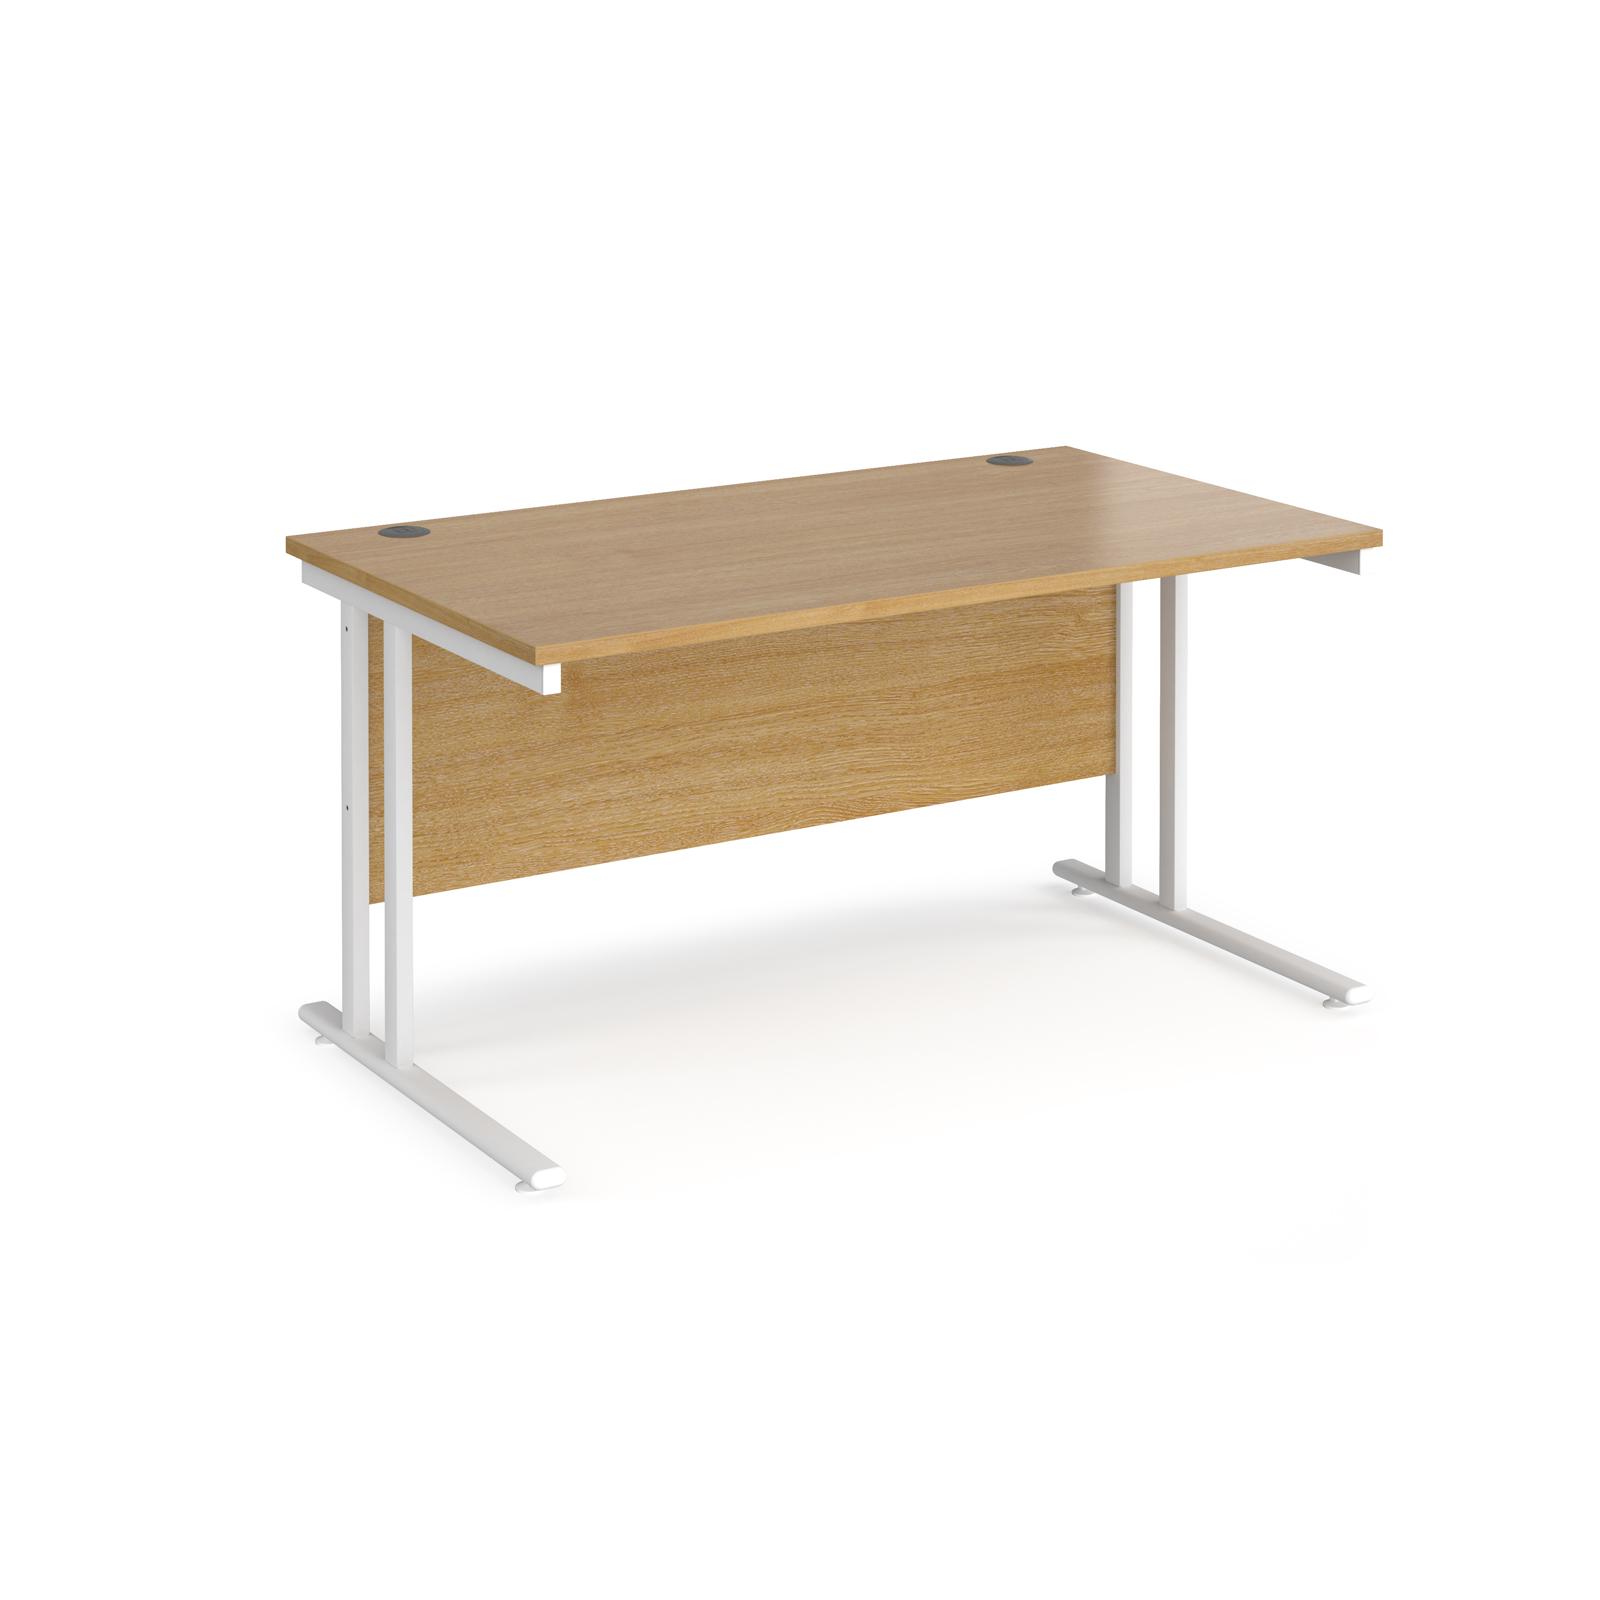 Rectangular Desks Maestro 25 straight desk 1400mm x 800mm - white cantilever leg frame, oak top